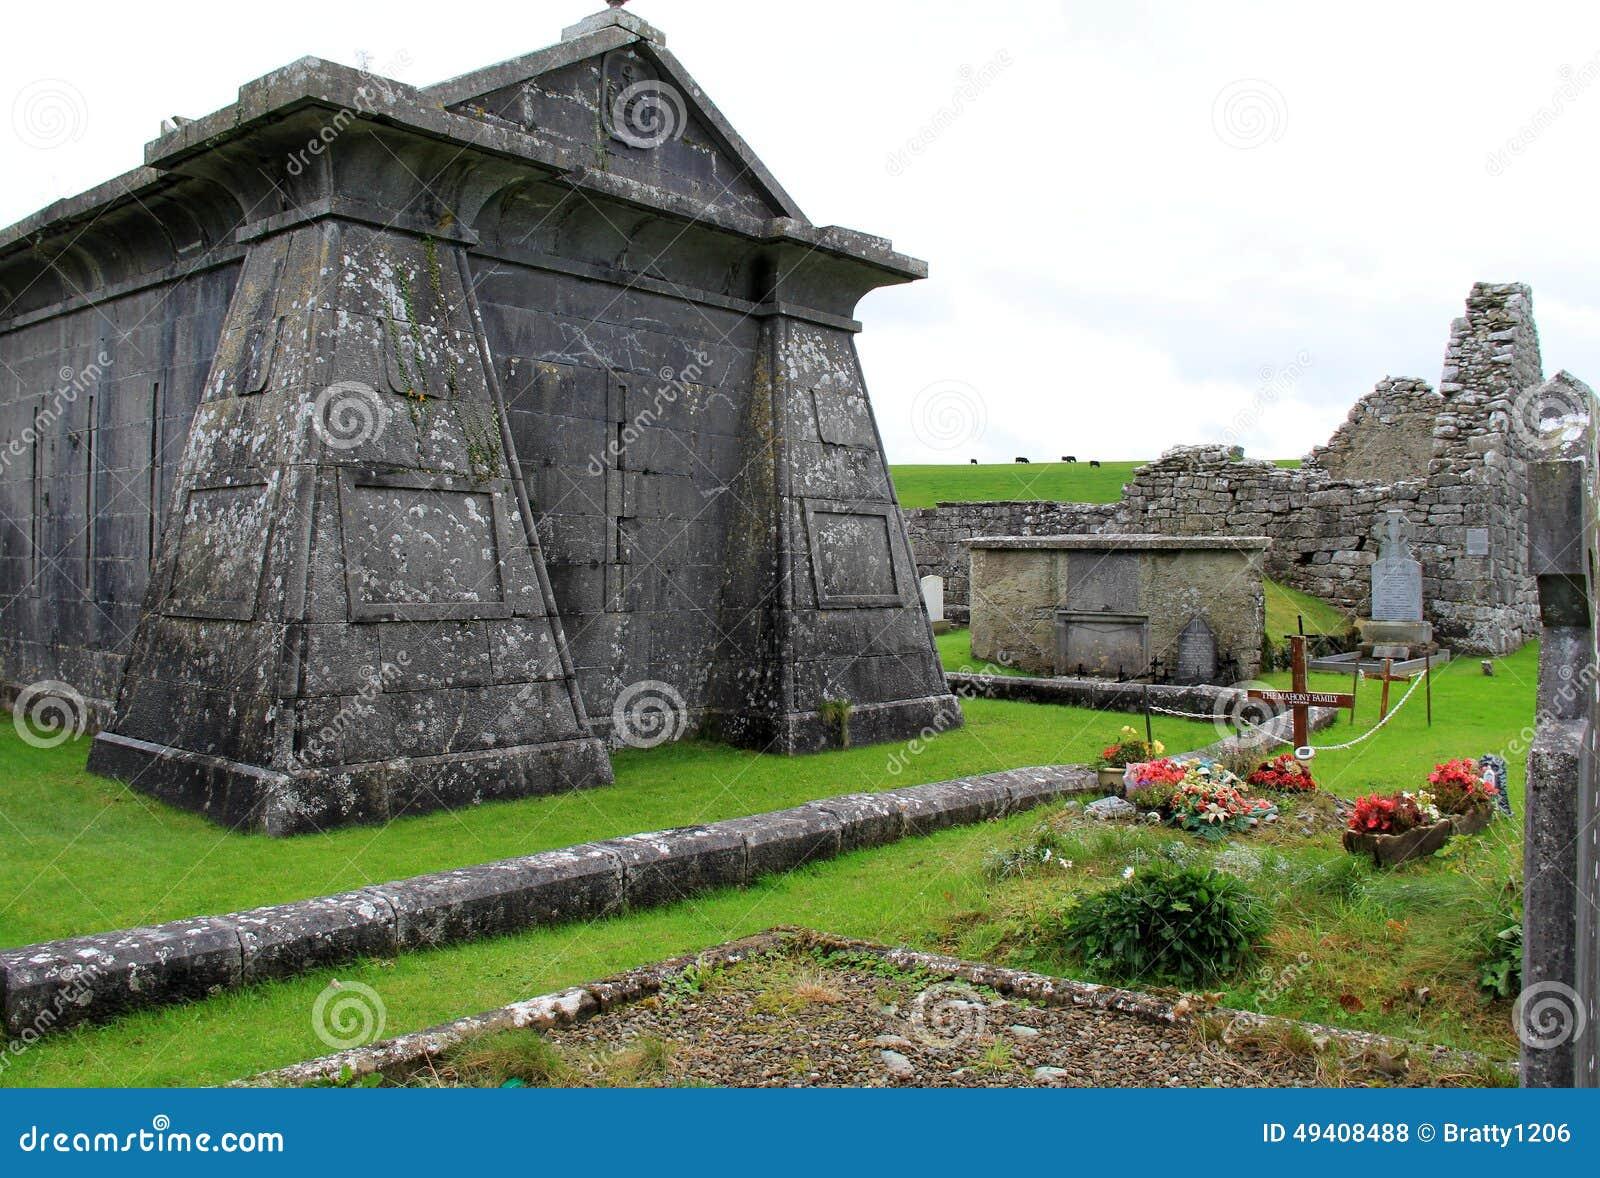 vieux historiques cimeti re avec des tombes et pierres. Black Bedroom Furniture Sets. Home Design Ideas